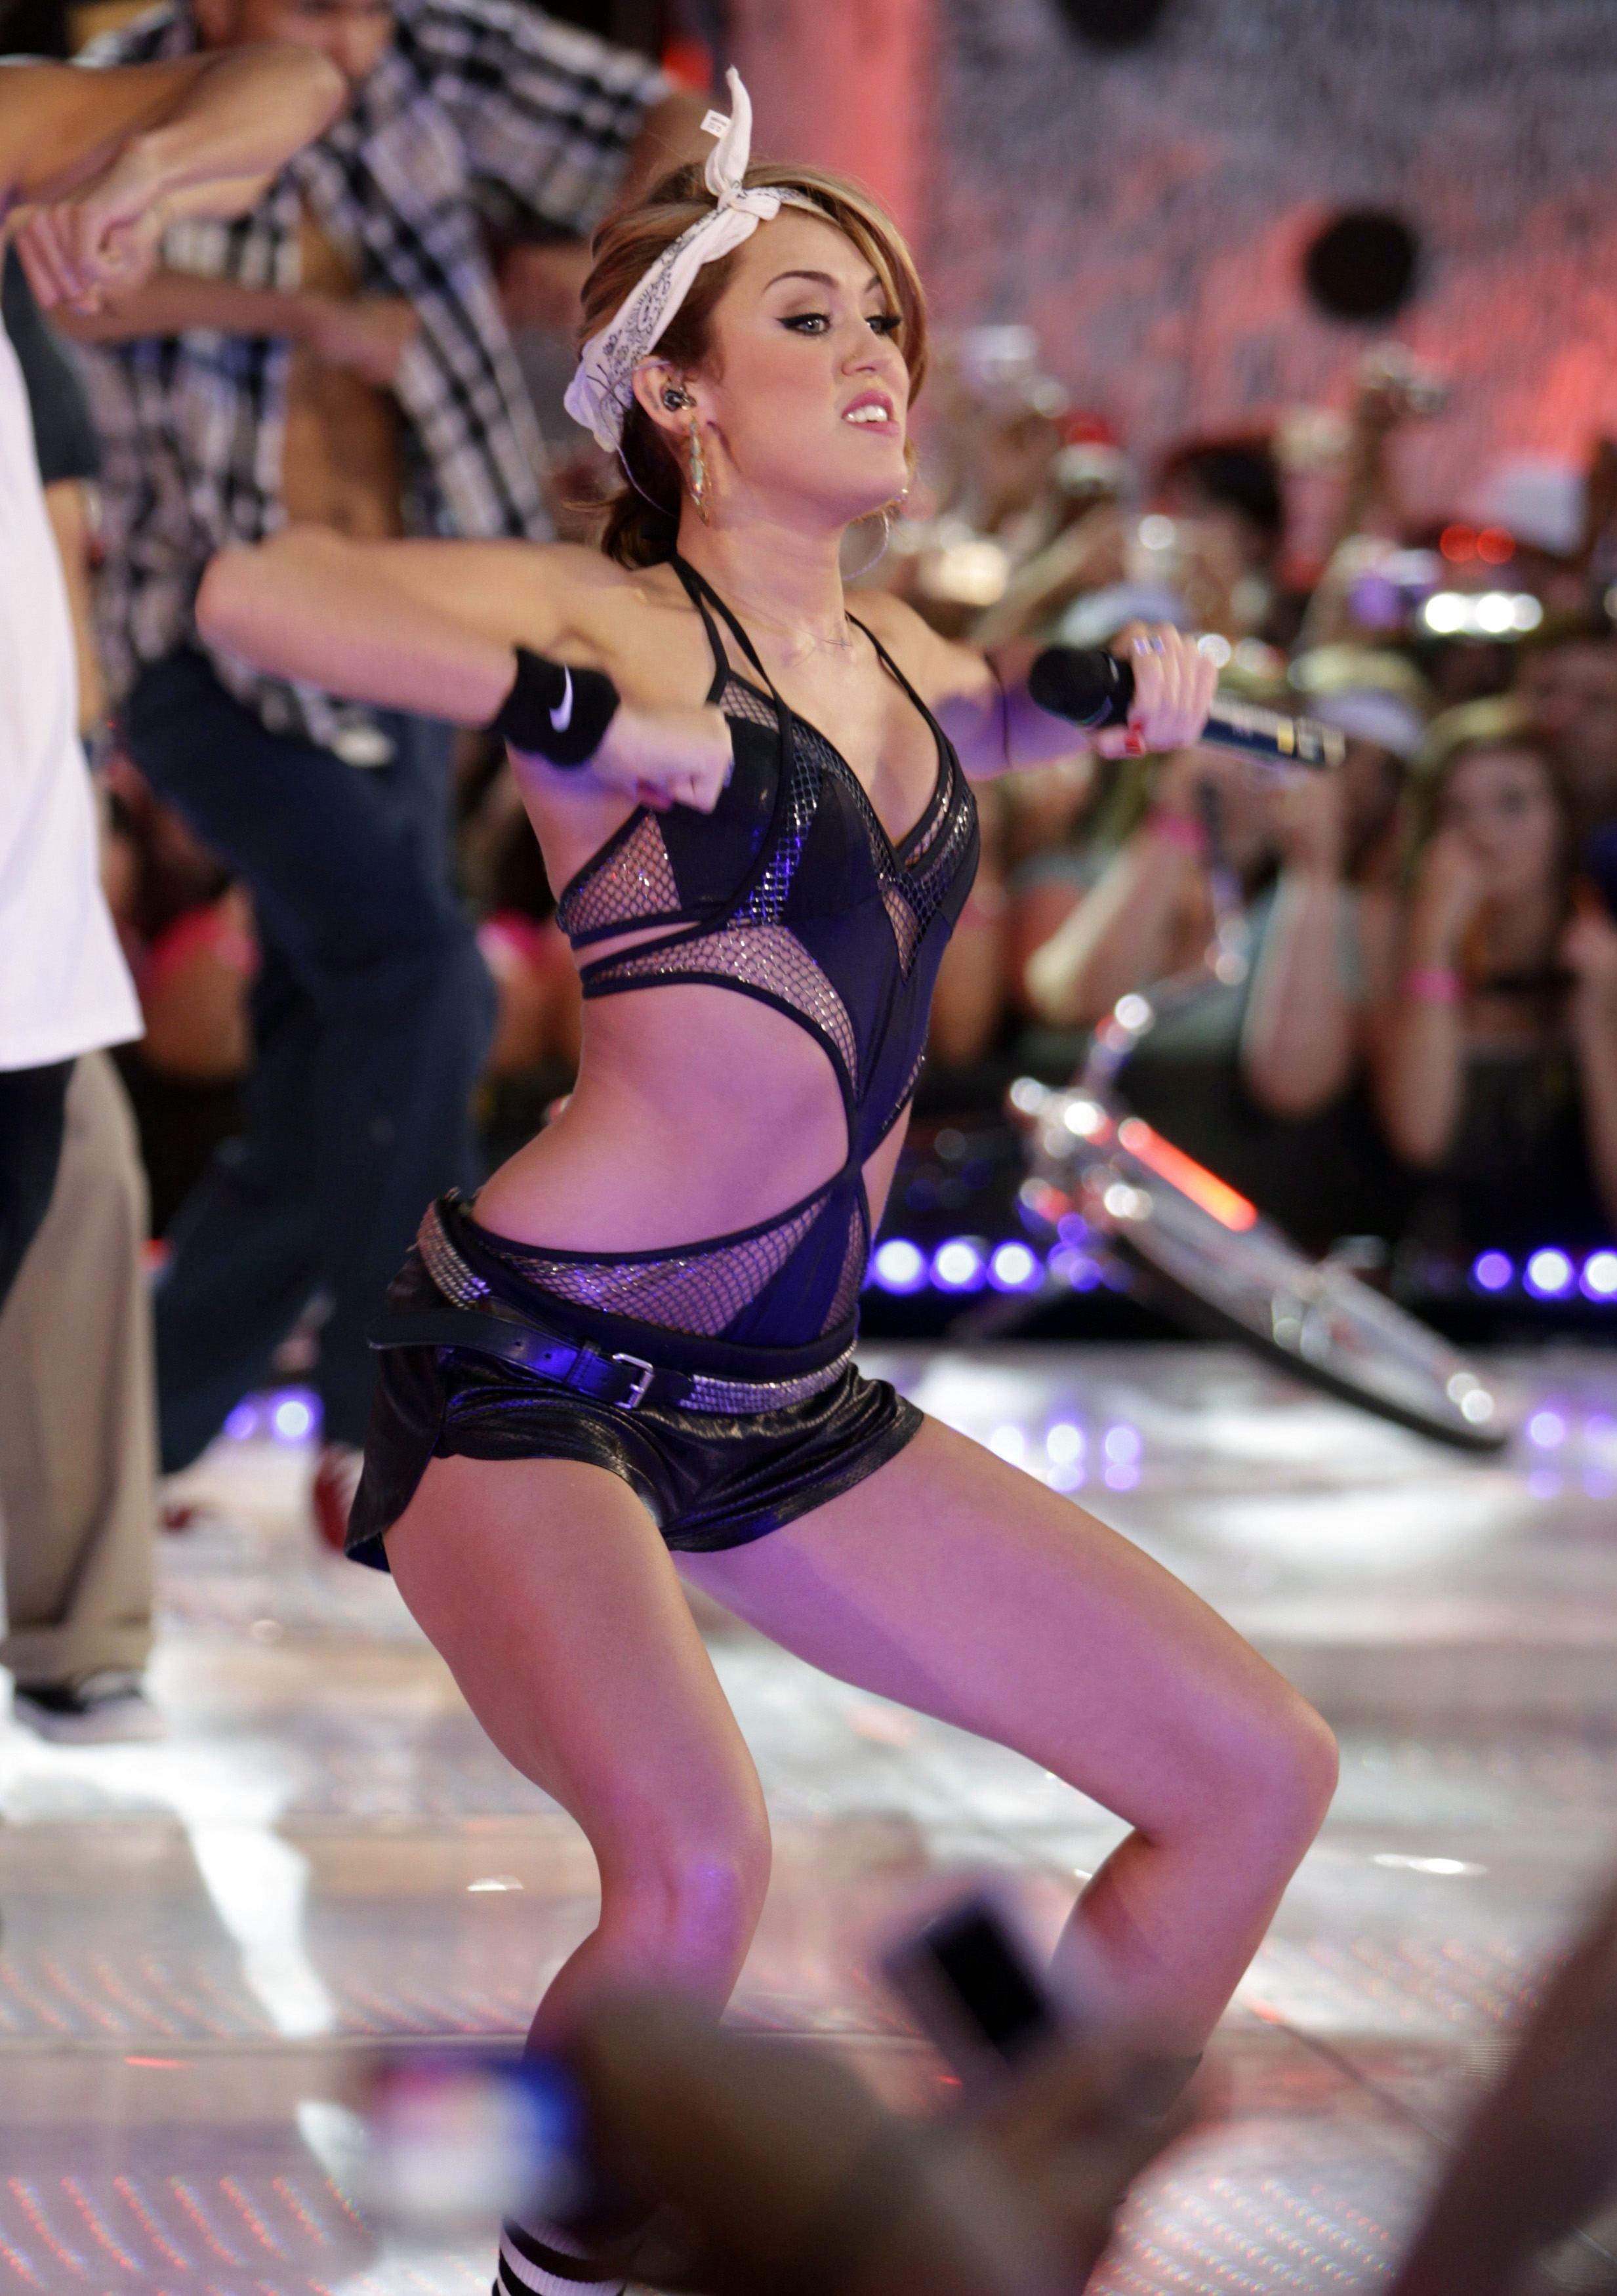 Bbw Nude Miley Cyrus